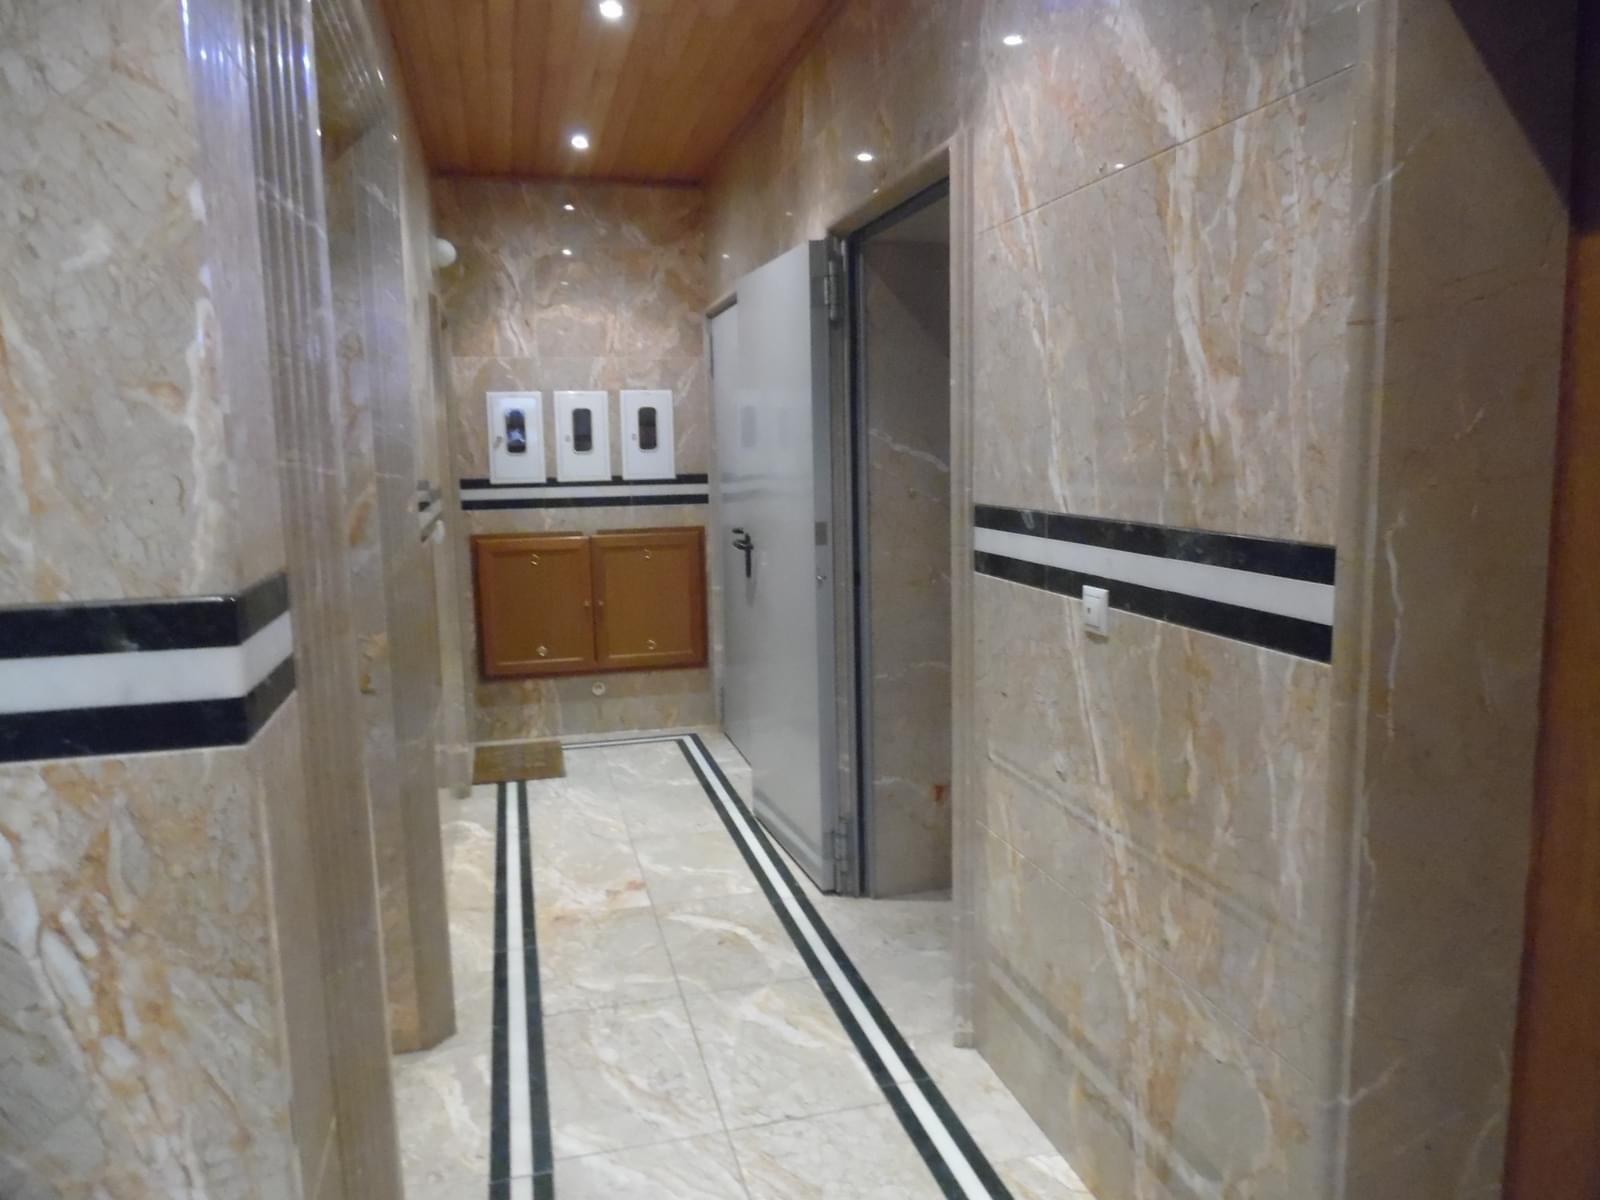 pf16905-apartamento-t1-lisboa-1305c791-ff78-4072-8453-473ba61a93bb